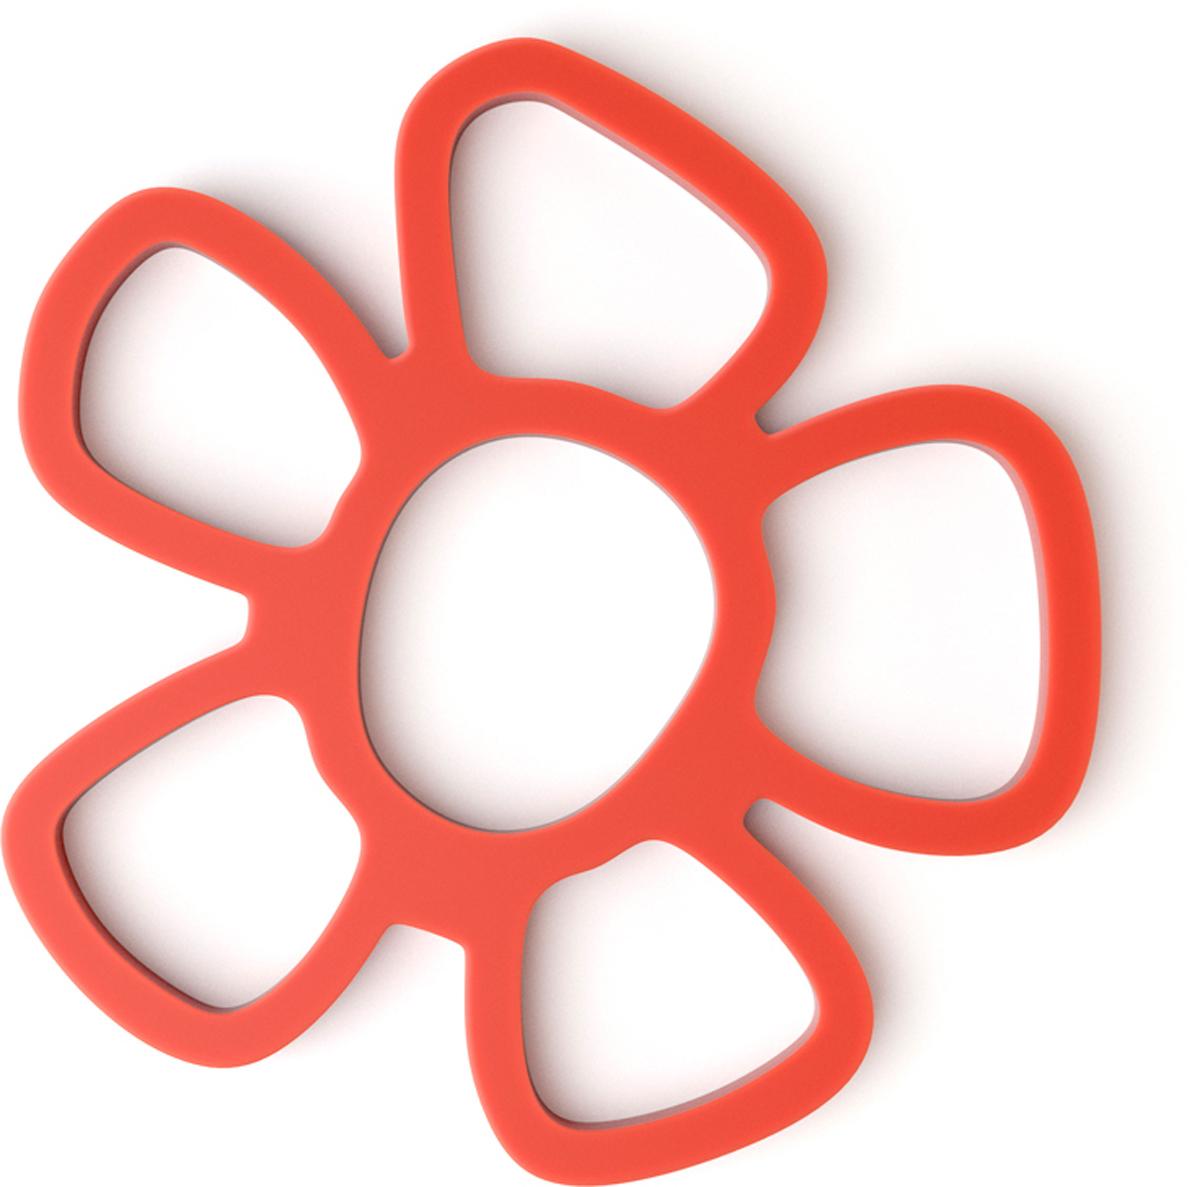 Подставка под горячее Balvi Daisy, магнитная, цвет: красный115610Многофункциональная магнитная подставка Daisy пригодится на кухне любой хозяйке. Прикрепив подставку к металлической поверхности, вы можете разместить на ней горячие кухонные предметы - чашки, кастрюли, сковородки. Благодаря магниту подставка отлично крепится к металлической поверхности и не скользит по ней. Плюс ко всему, подставка может послужить отличным украшением на кухне. Например, ее можно повесить на дверцу холодильника и использовать по назначению при необходимости. Стильная красная подставка под горячее Daisy облегчит жизнь любой хозяйке, а заодно поднимет настроение своим ярким и позитивным дизайном в виде цветка.-Подставка крепится к металлической поверхности с помощью магнита-Яркий и привлекательный дизайн в виде цветка-Можно использовать под горячие кастрюли, чайник, сковородки и т.п.